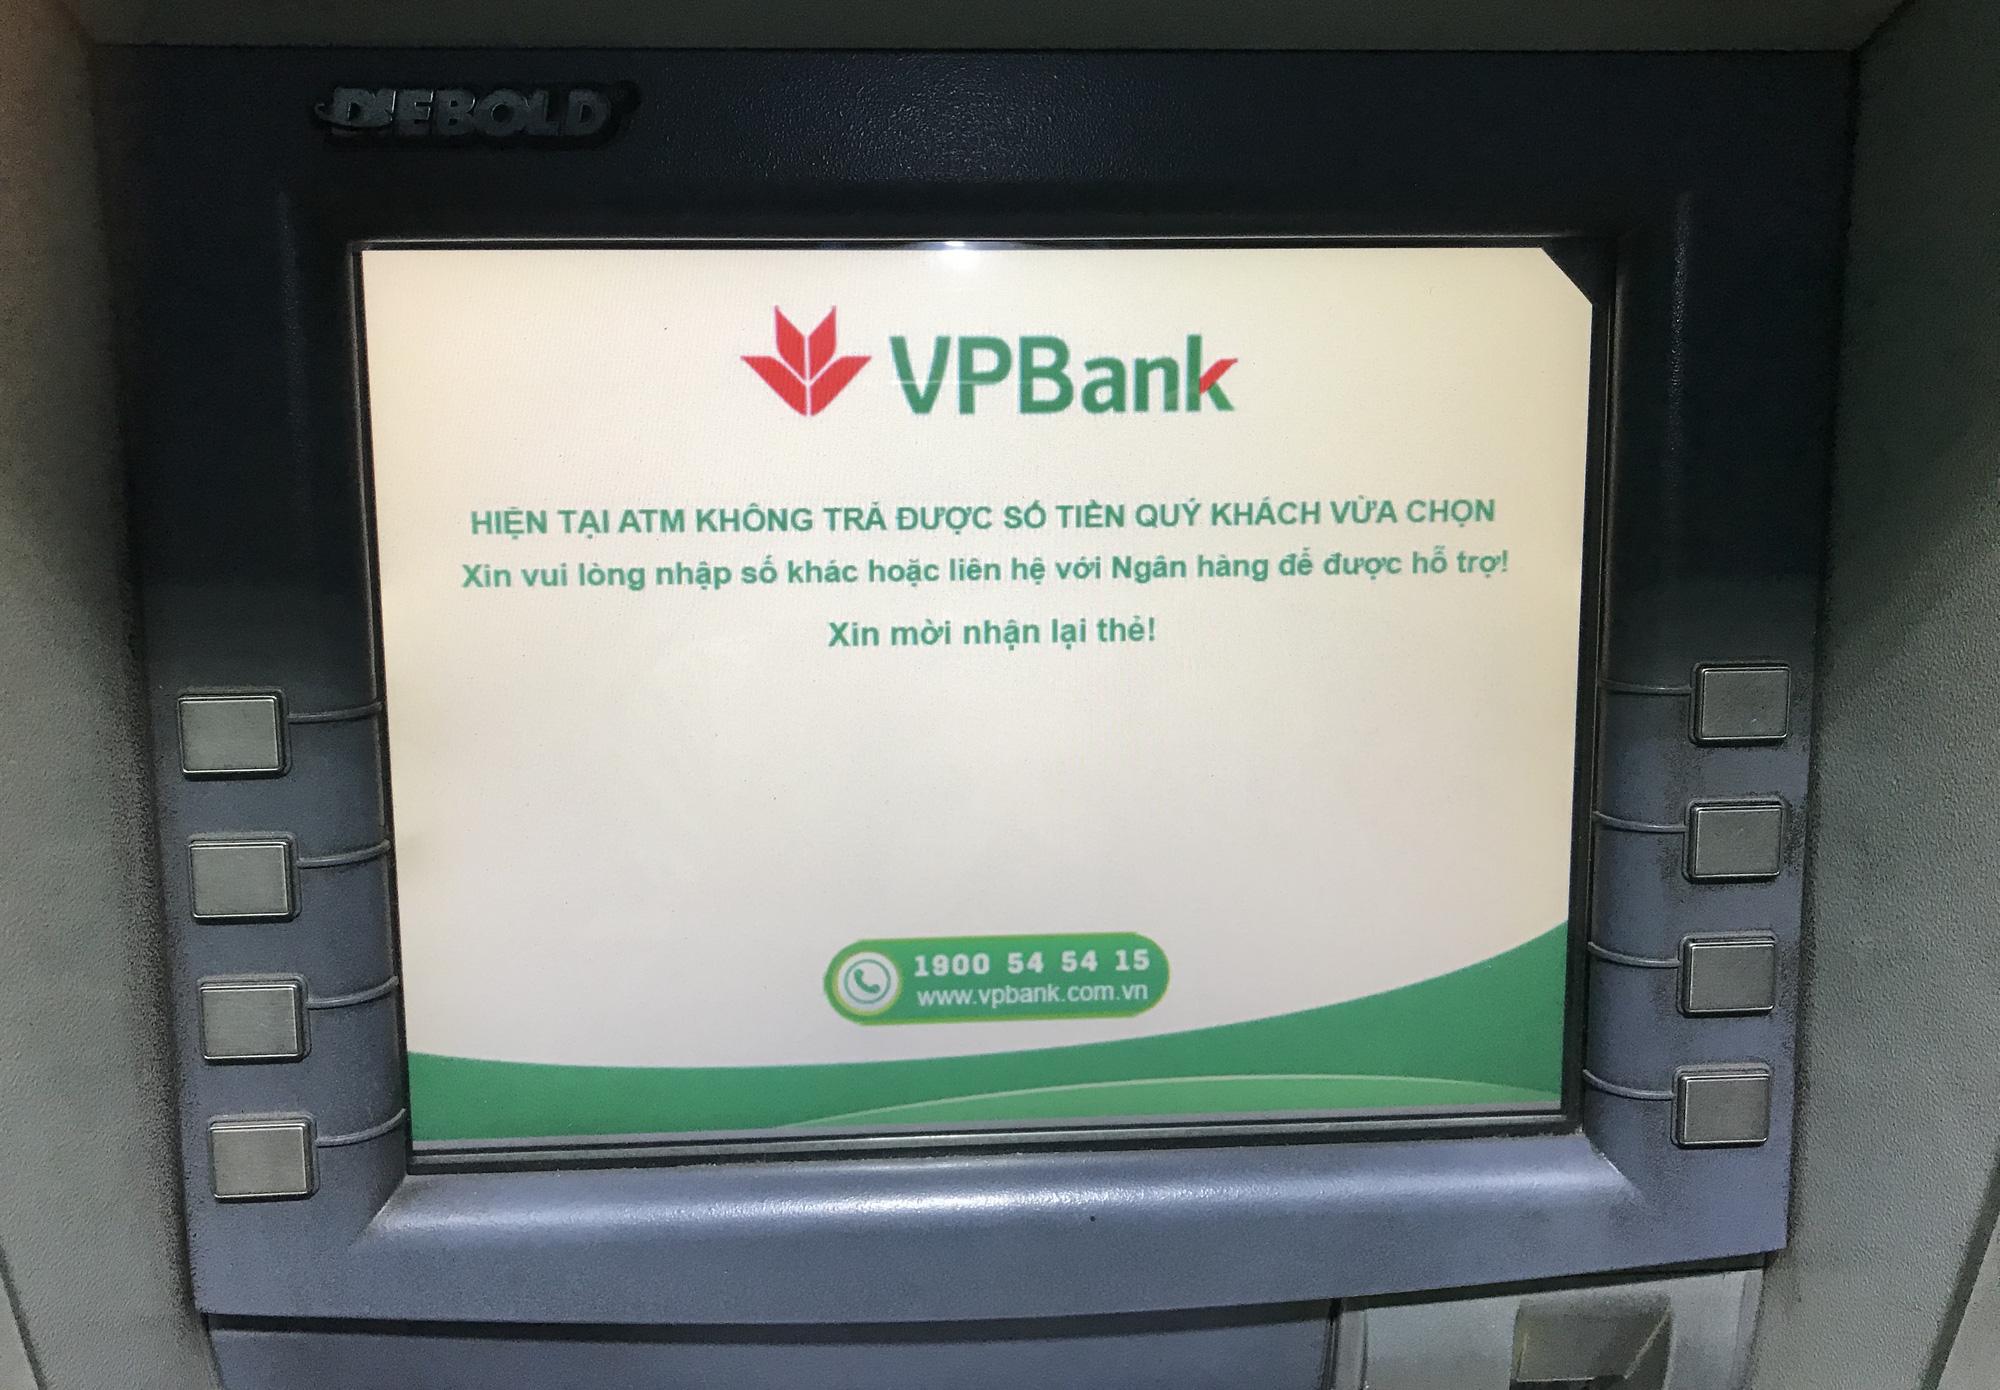 ATM tại Sài Gòn đồng loạt nghỉ Tết, chạy cả đêm vẫn không rút được tiền lương, thưởng để về quê - Ảnh 4.